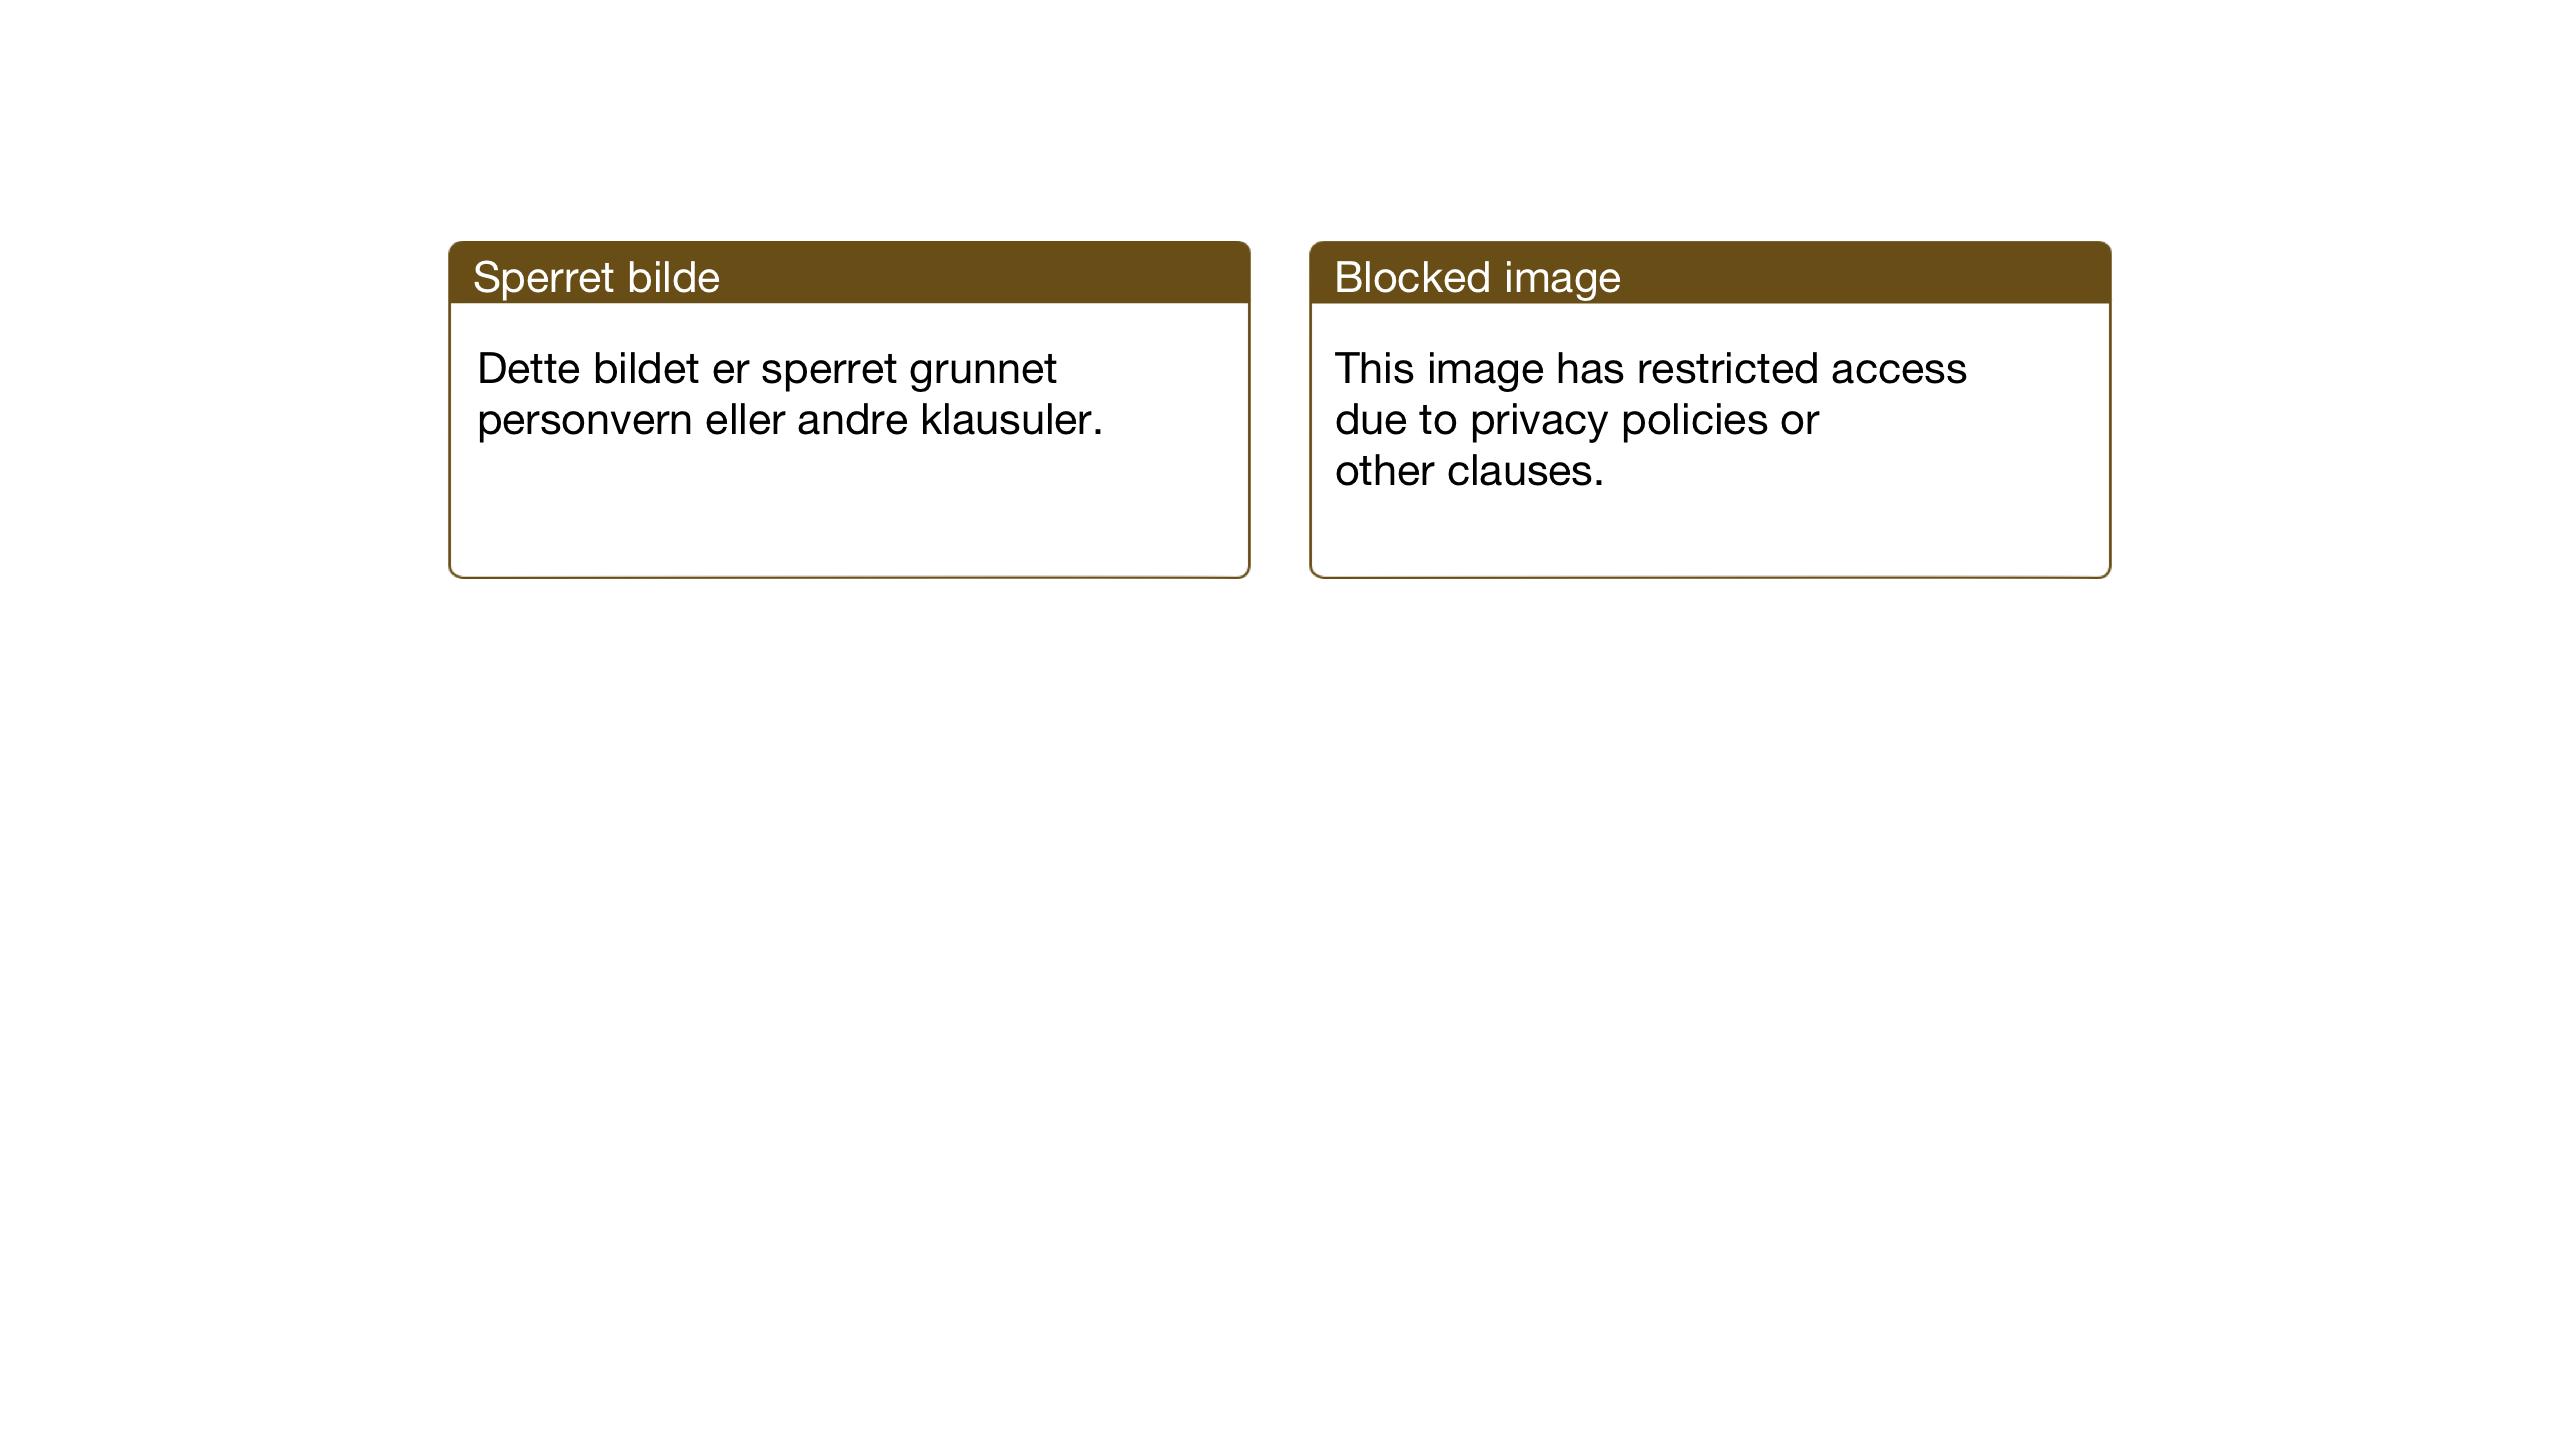 SAT, Ministerialprotokoller, klokkerbøker og fødselsregistre - Nord-Trøndelag, 722/L0227: Klokkerbok nr. 722C03, 1928-1958, s. 8